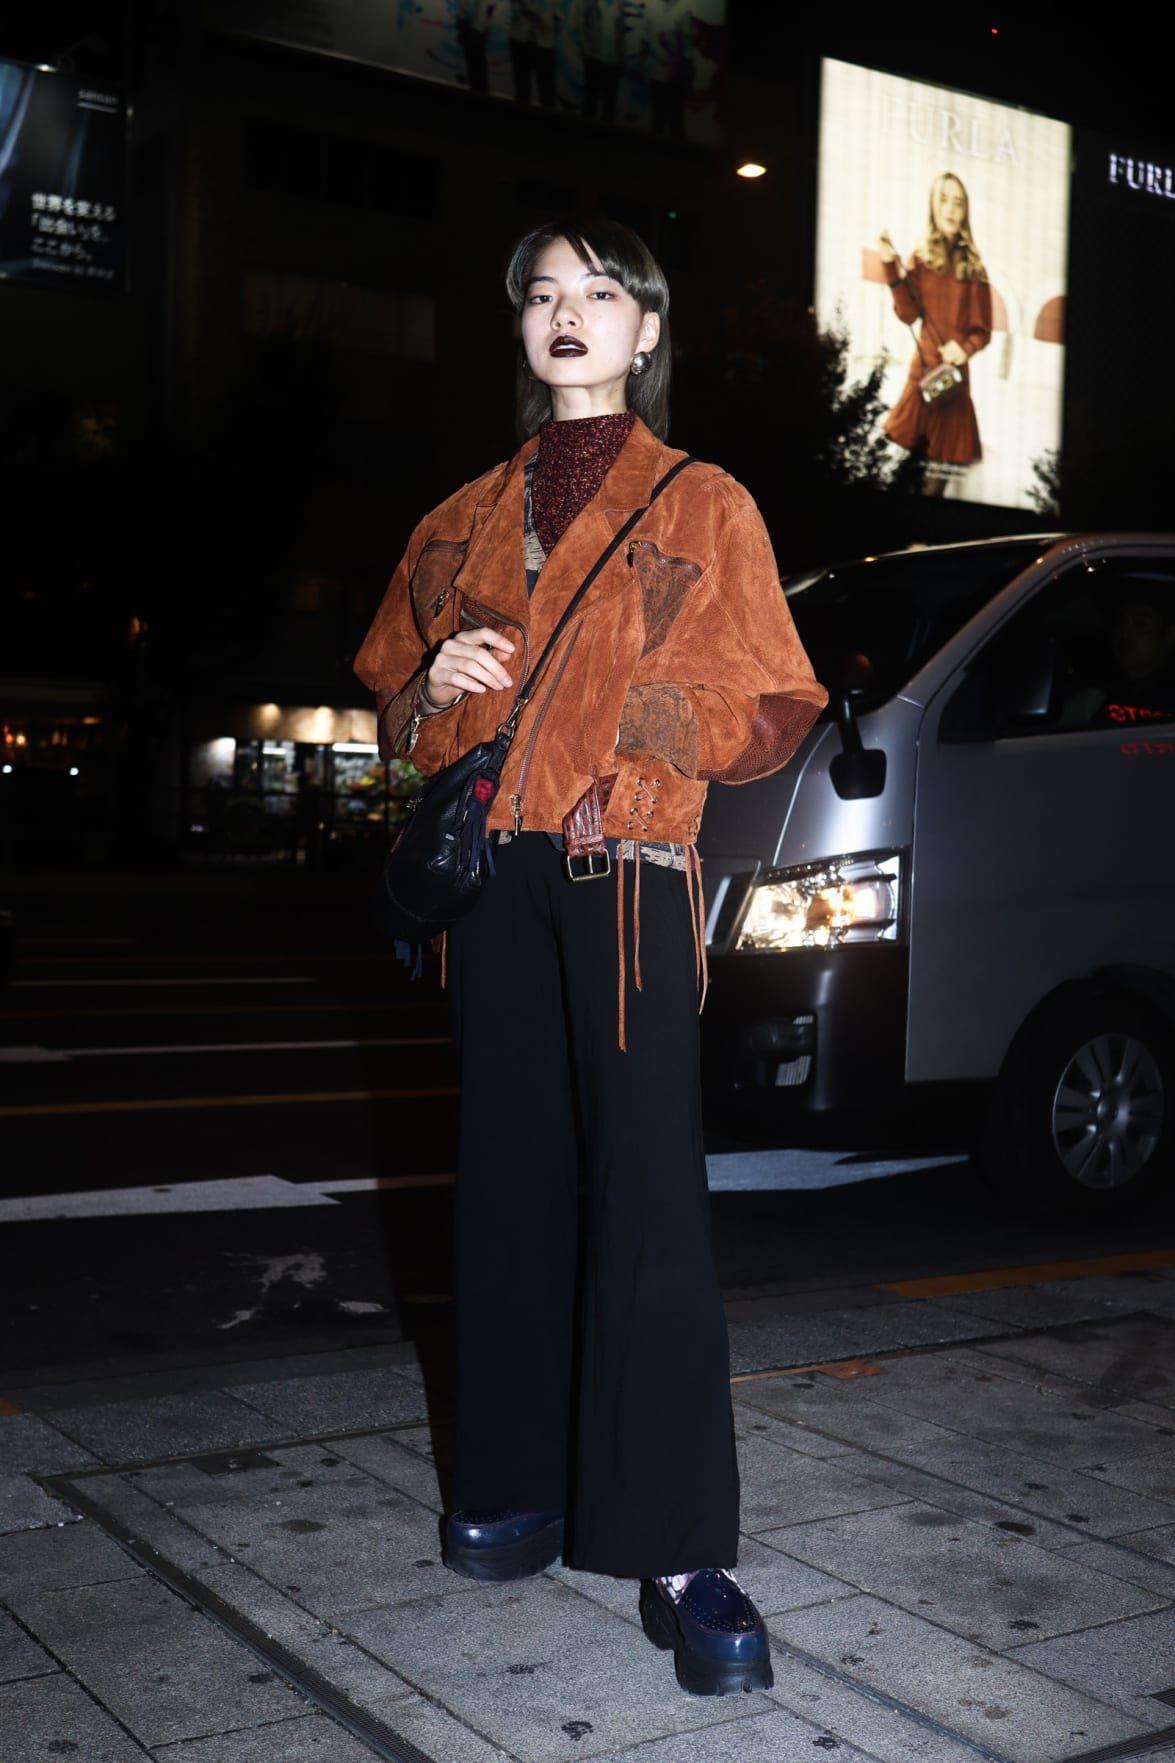 Street Style - 表参道 - アオイ ヤマダさん - FASHIONSNAP.COM